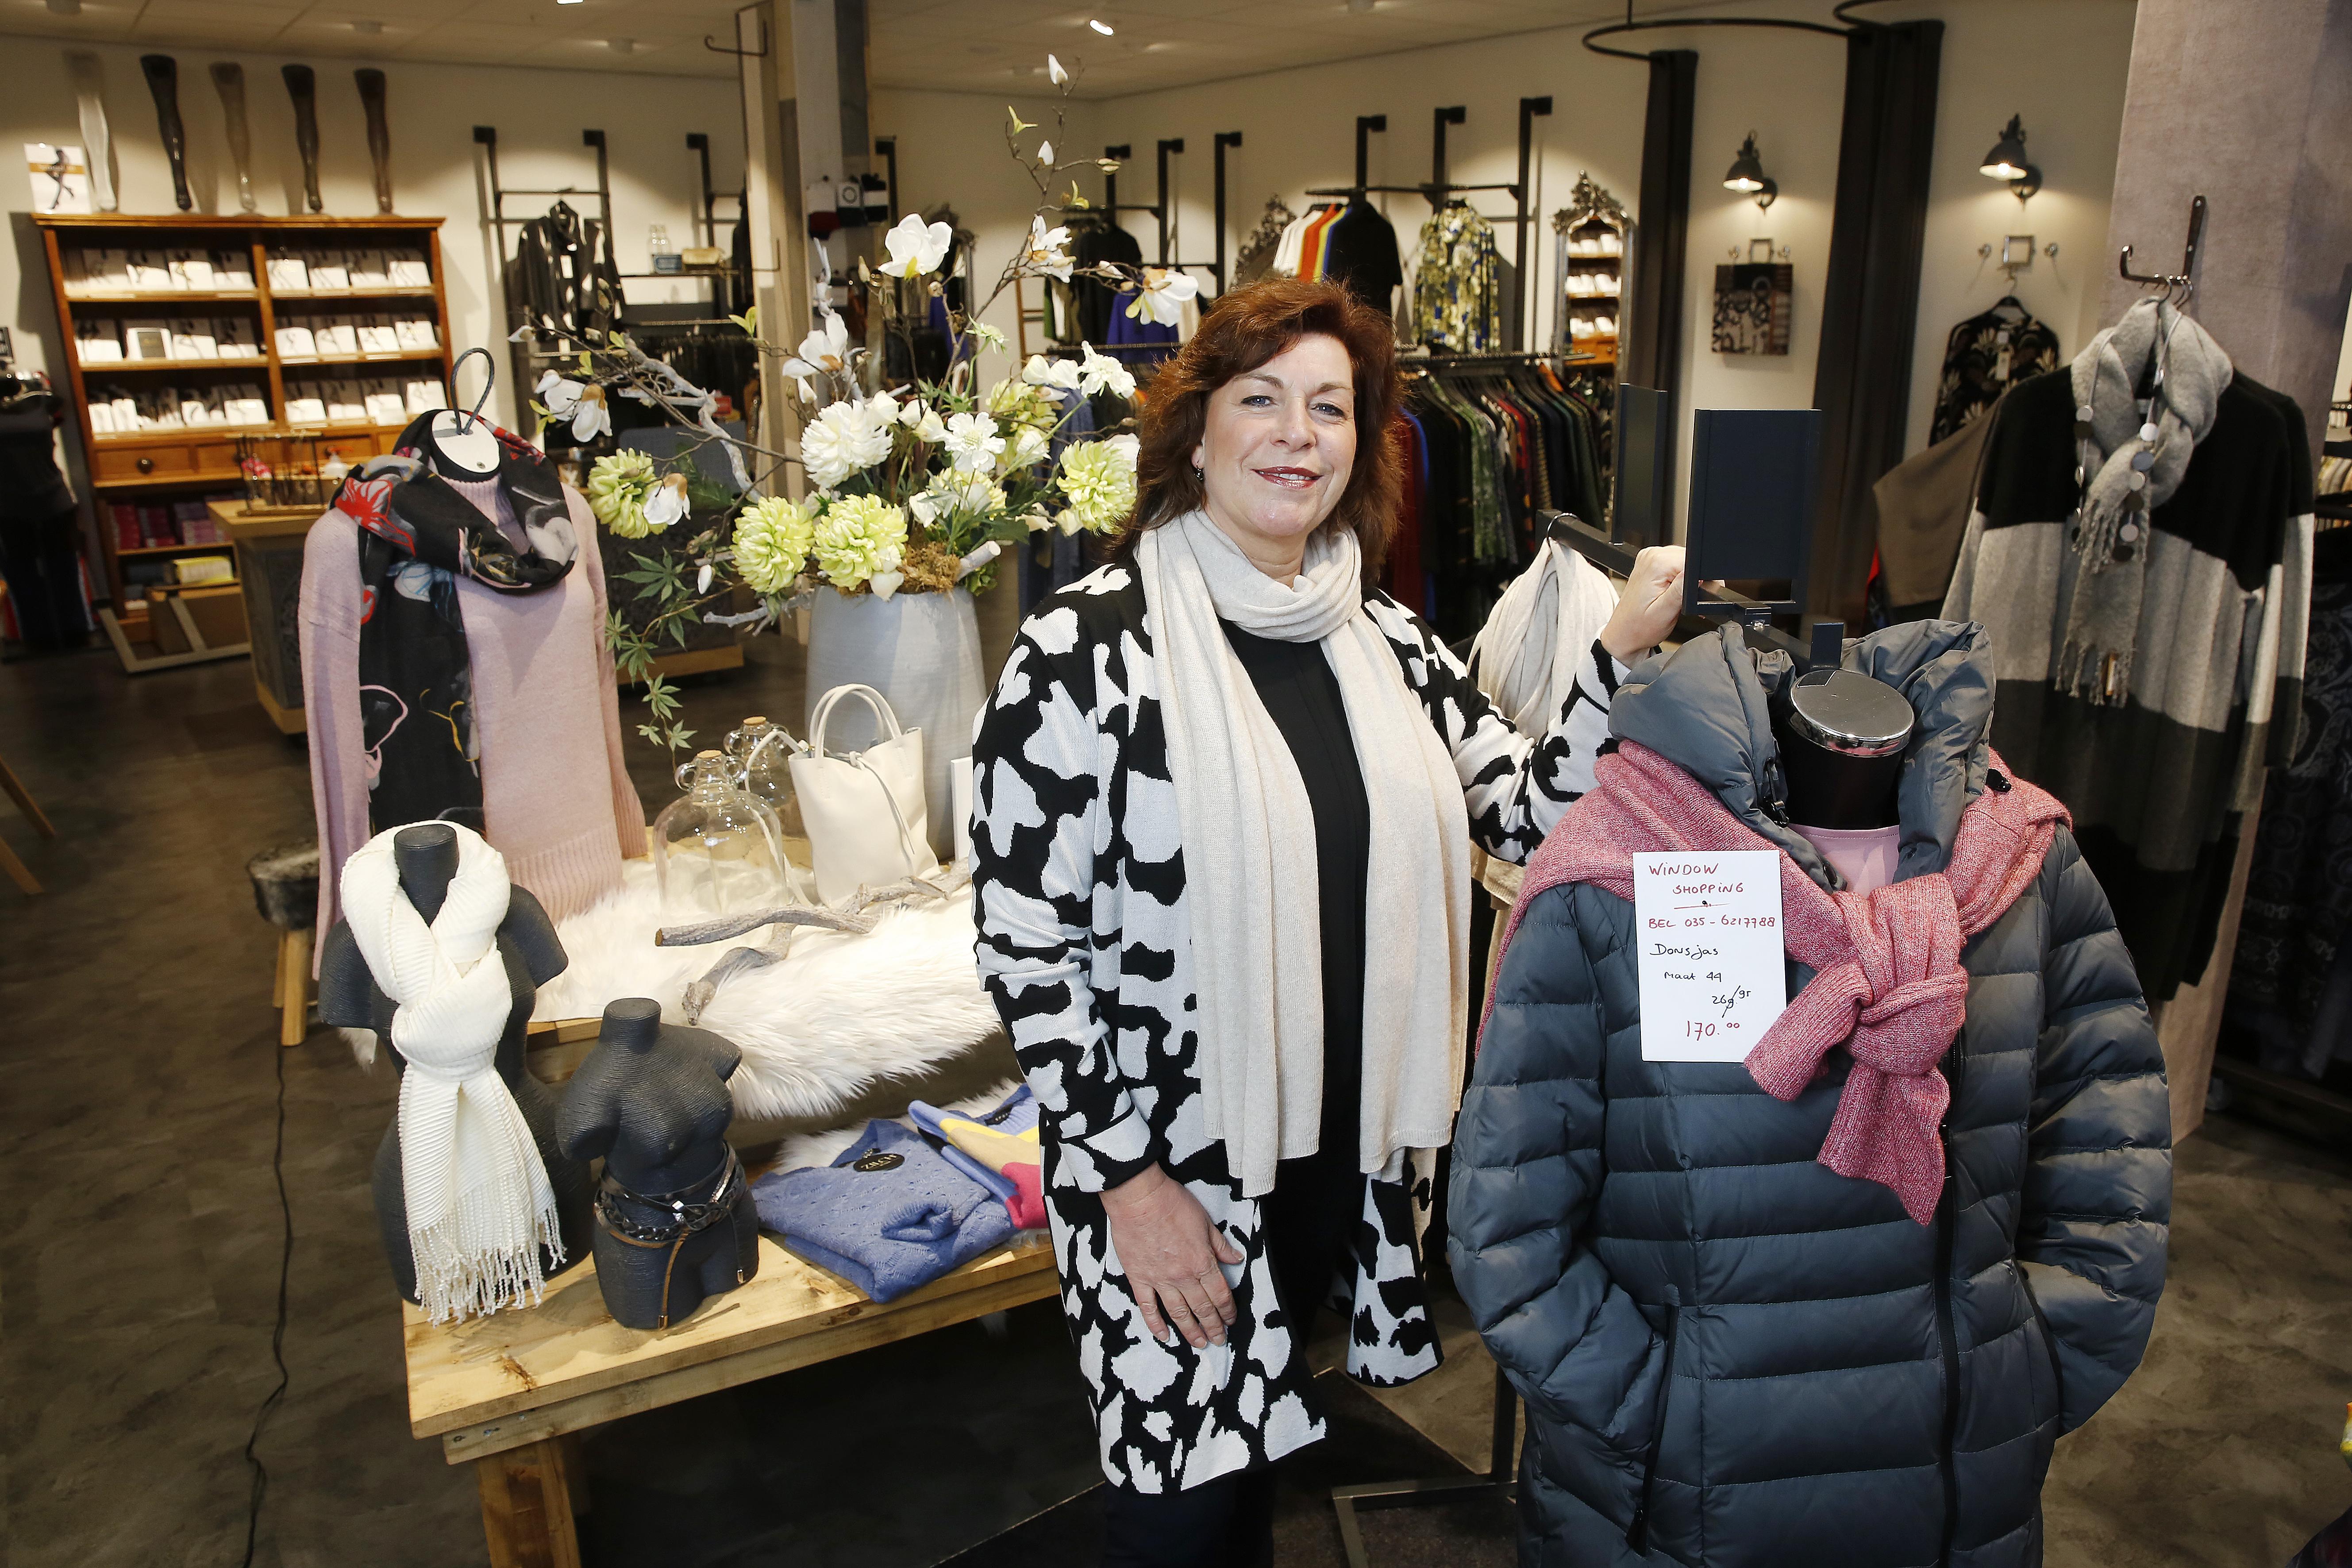 Bij de kledingwinkels werken ze zich uit de naad voor een fractie van de omzet: 'Ik denk dat we pas in maart open gaan. Wat moet ik dan nog met de wintercollectie?'